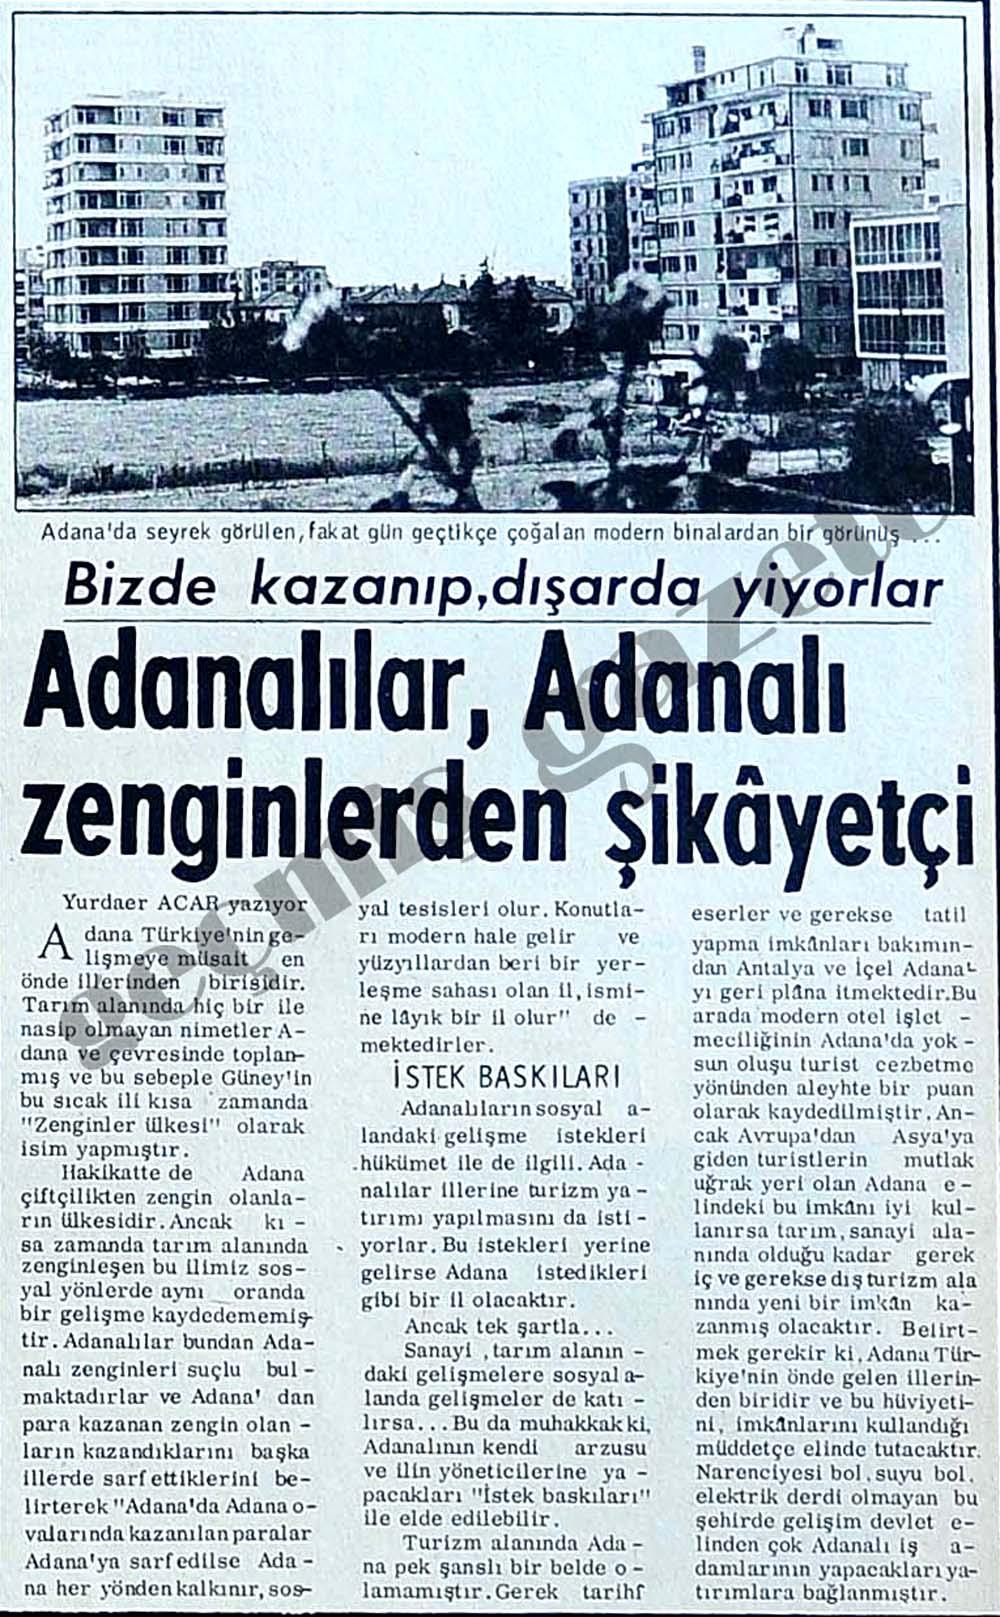 Adanalılar, Adanalı zenginlerden şikayetçi: Bizde kazanıp, dışarda yiyorlar